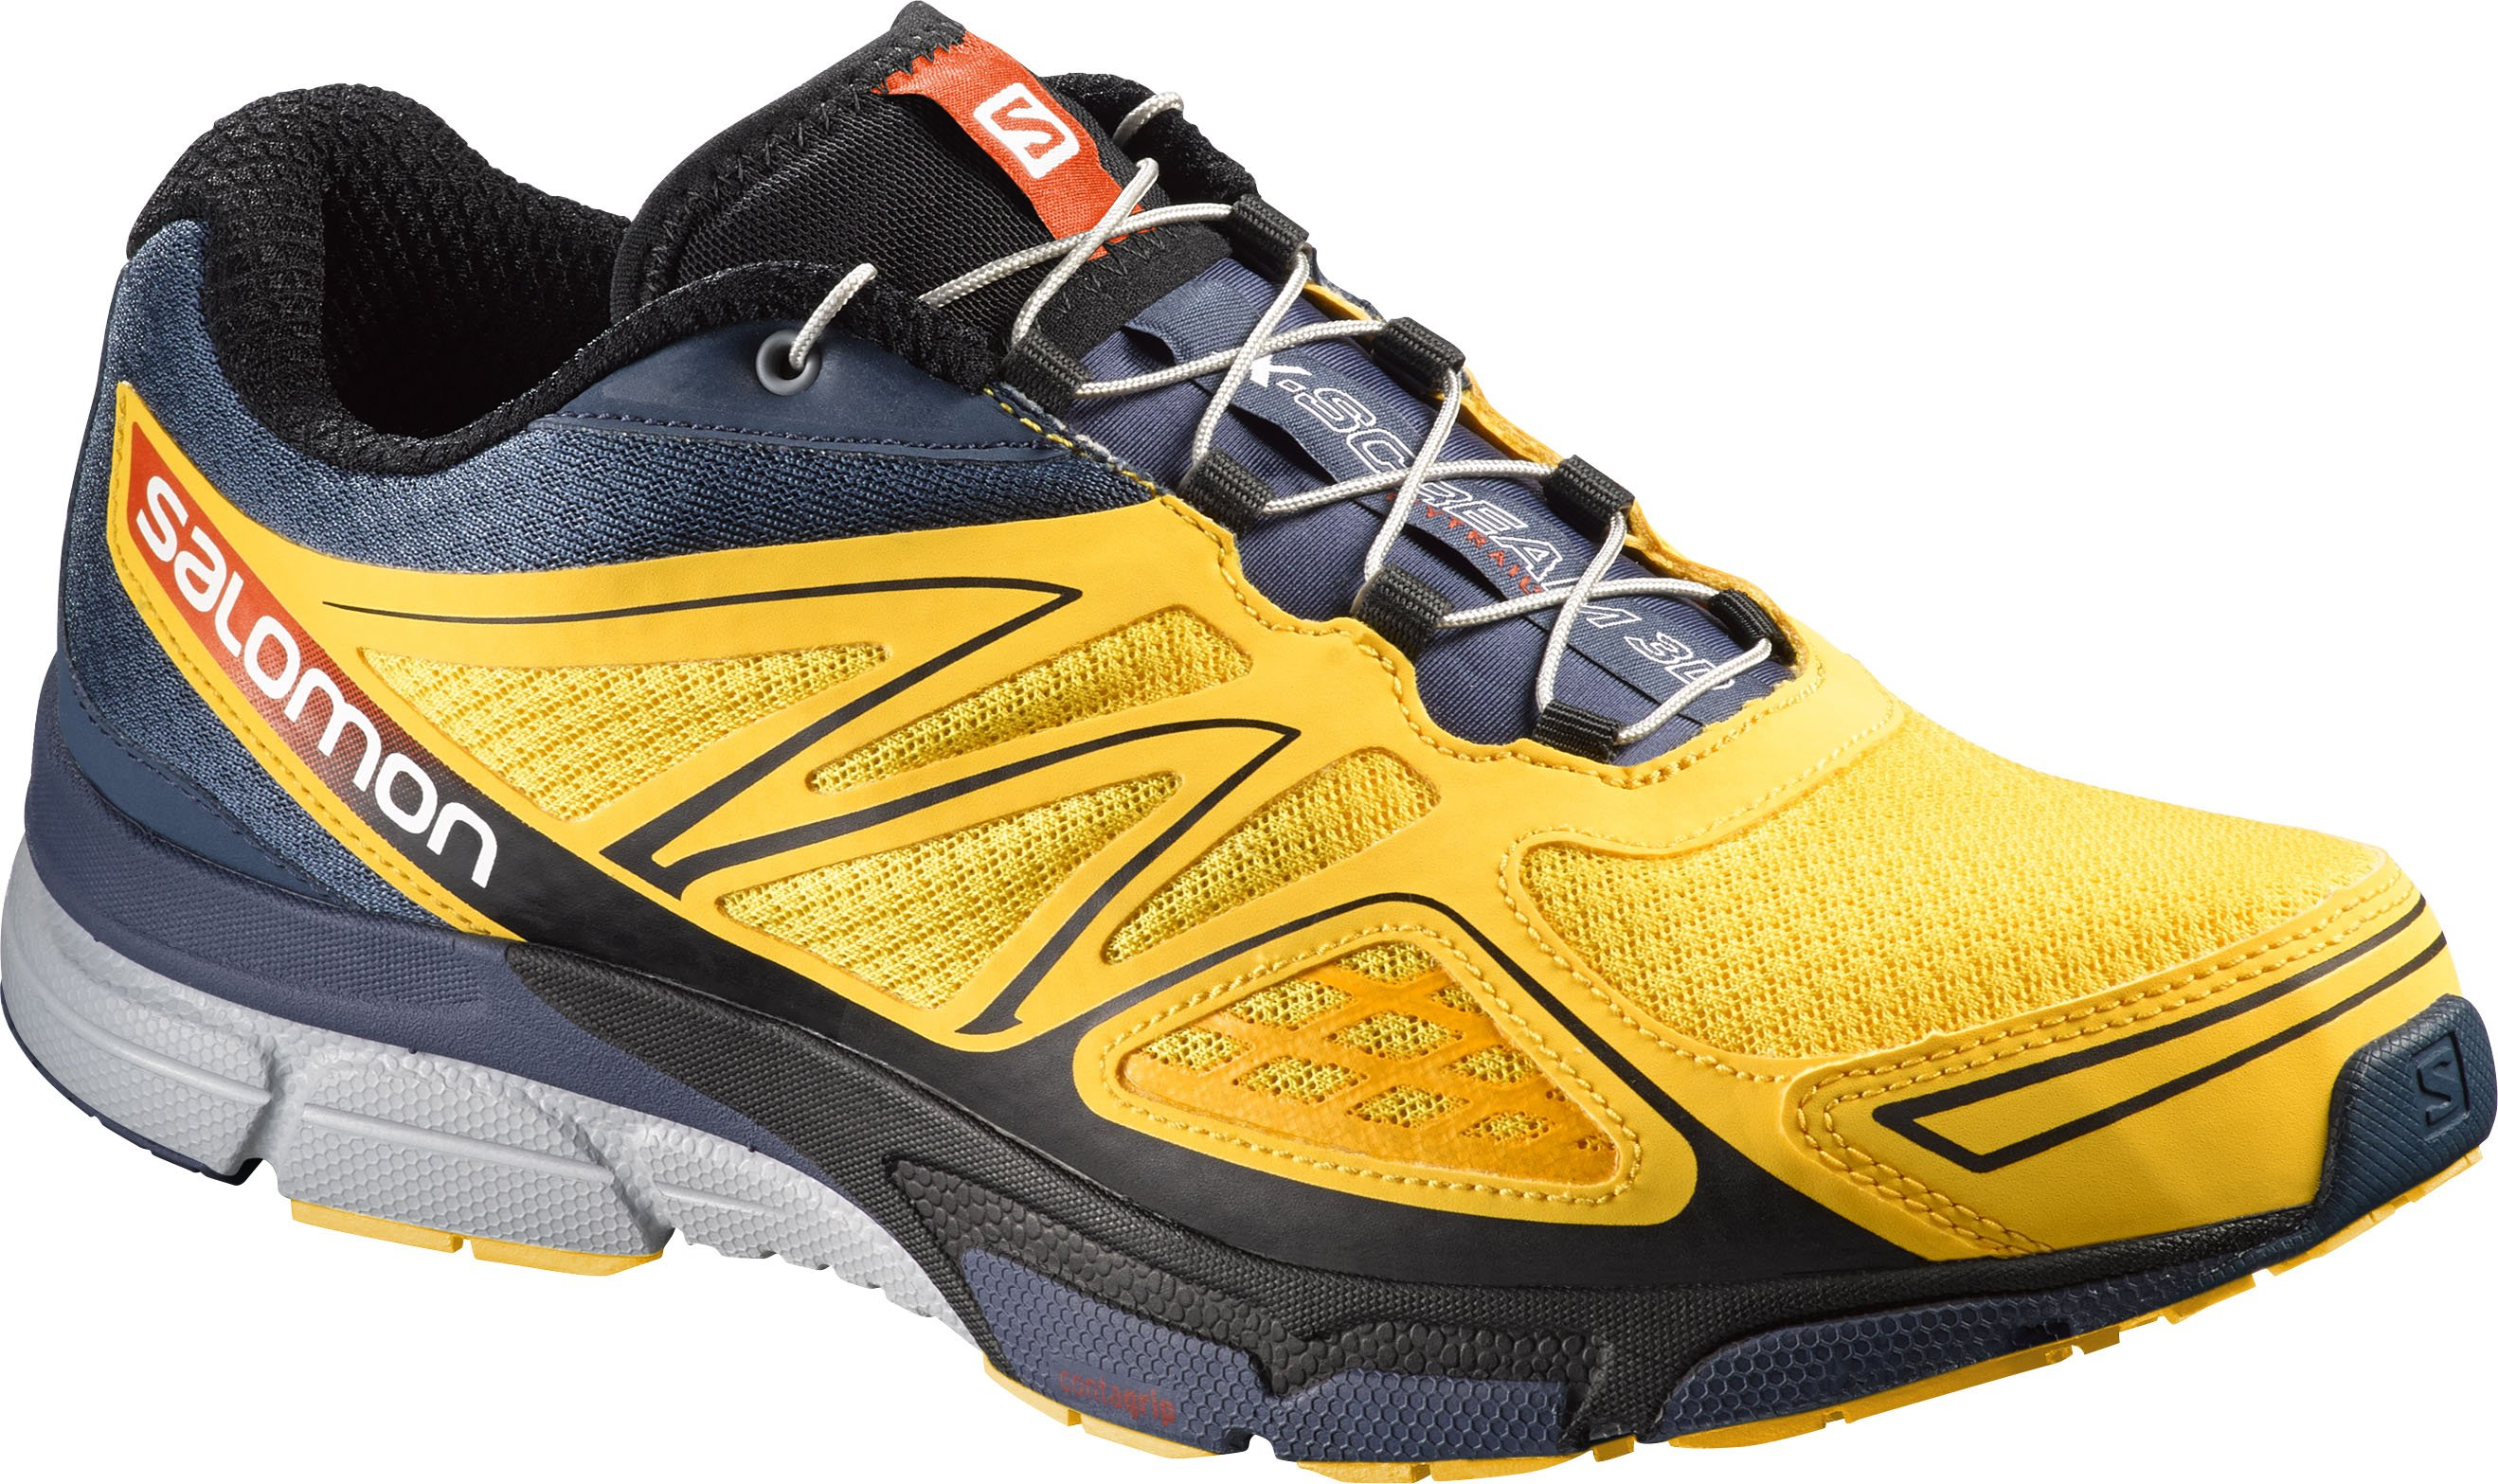 Běžecké boty Salomon X-SCREAM 3D